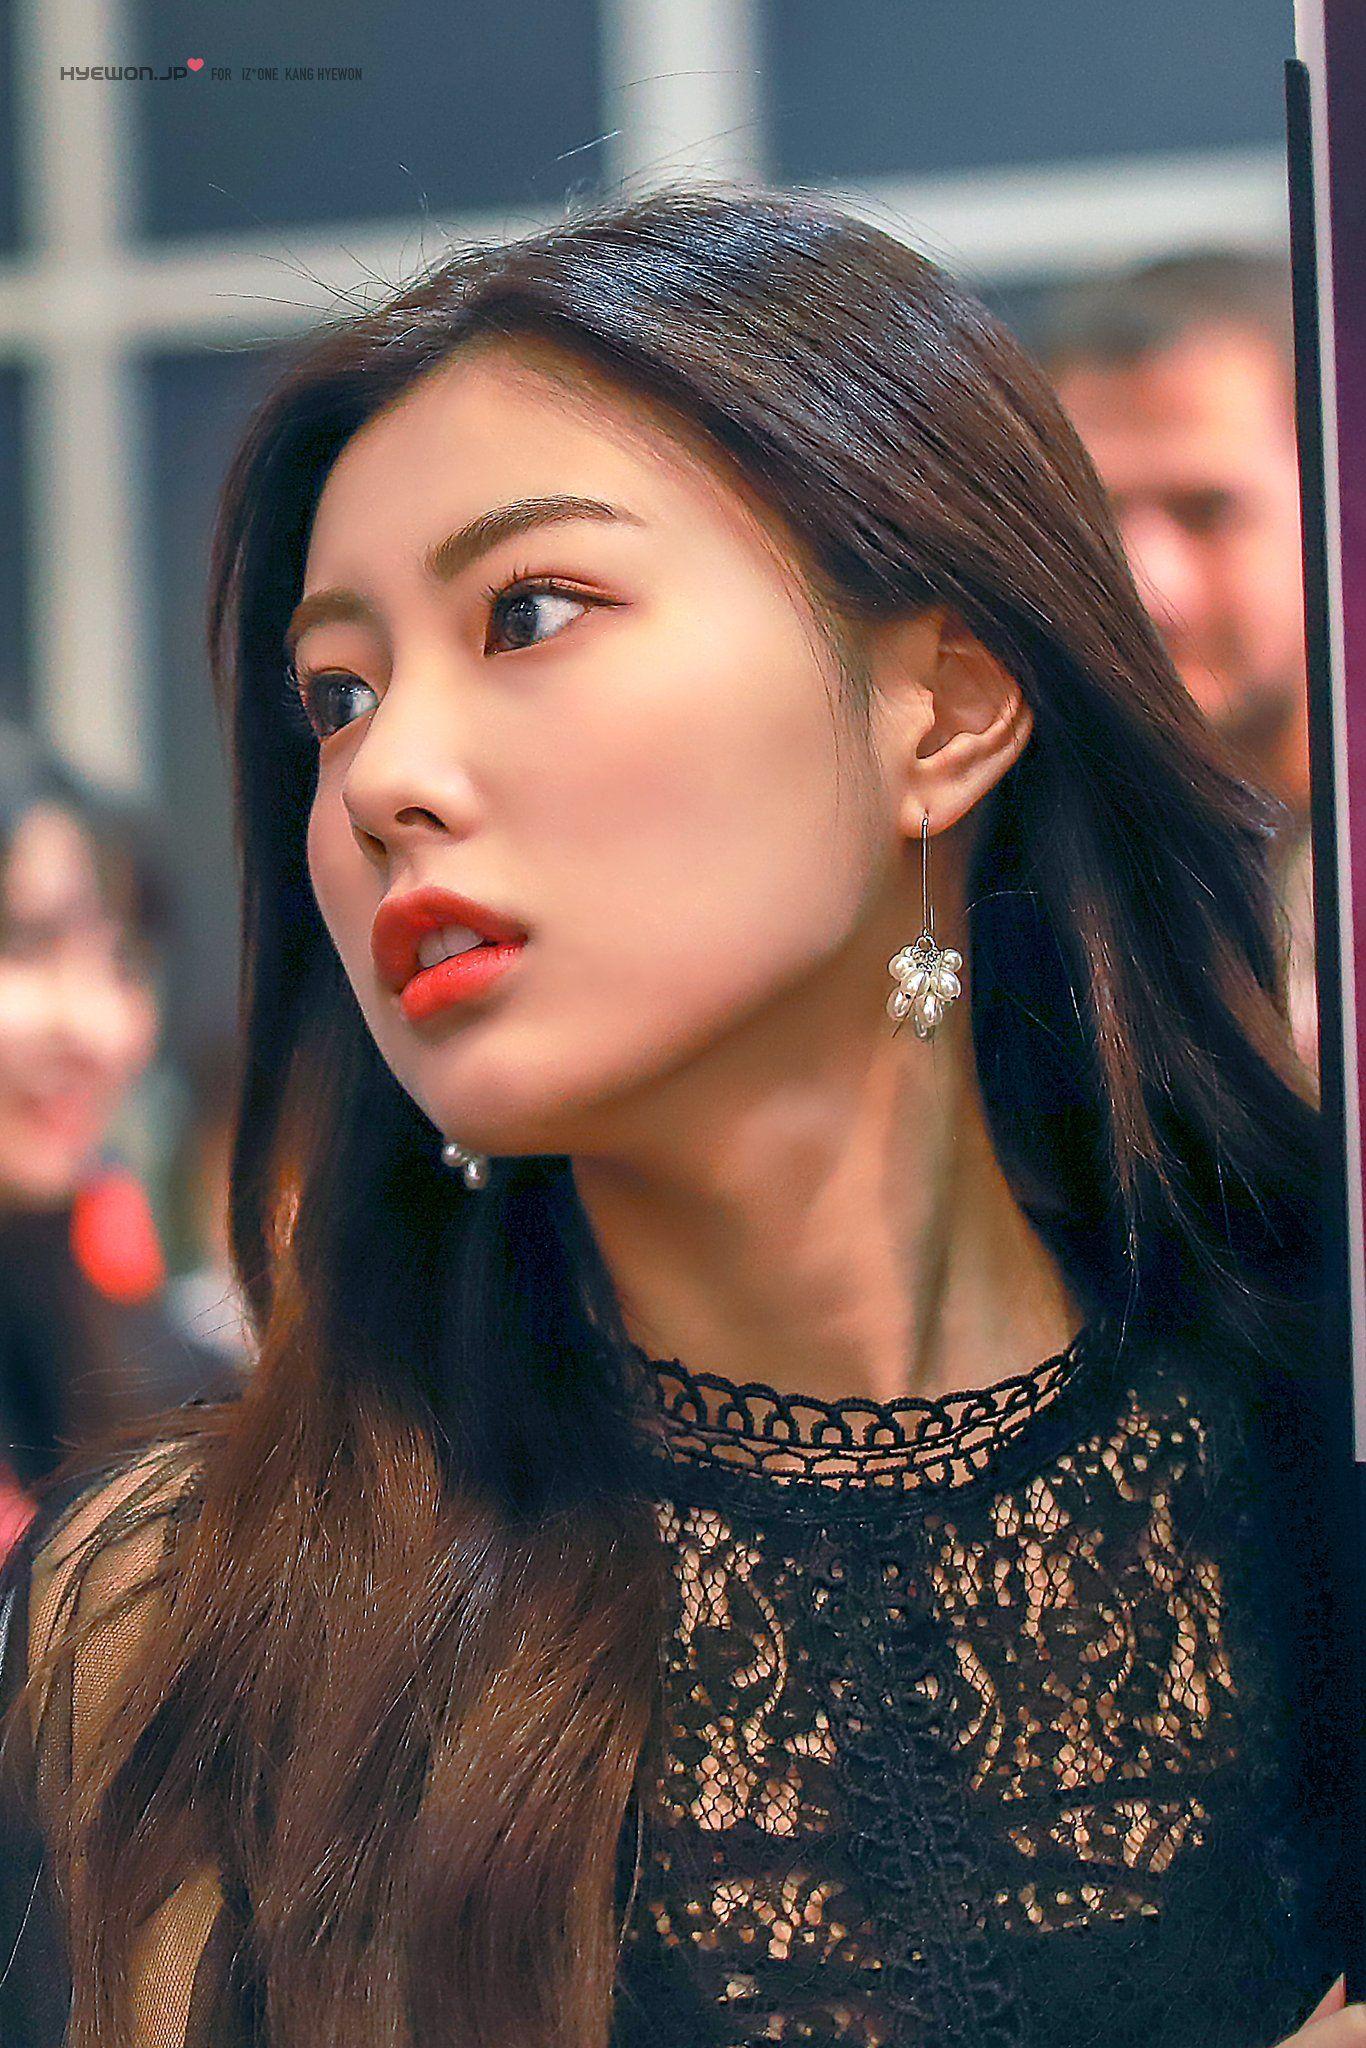 Kang Hyewon Pics On Twitter Kpop Girls Kpop Girl Groups Girl